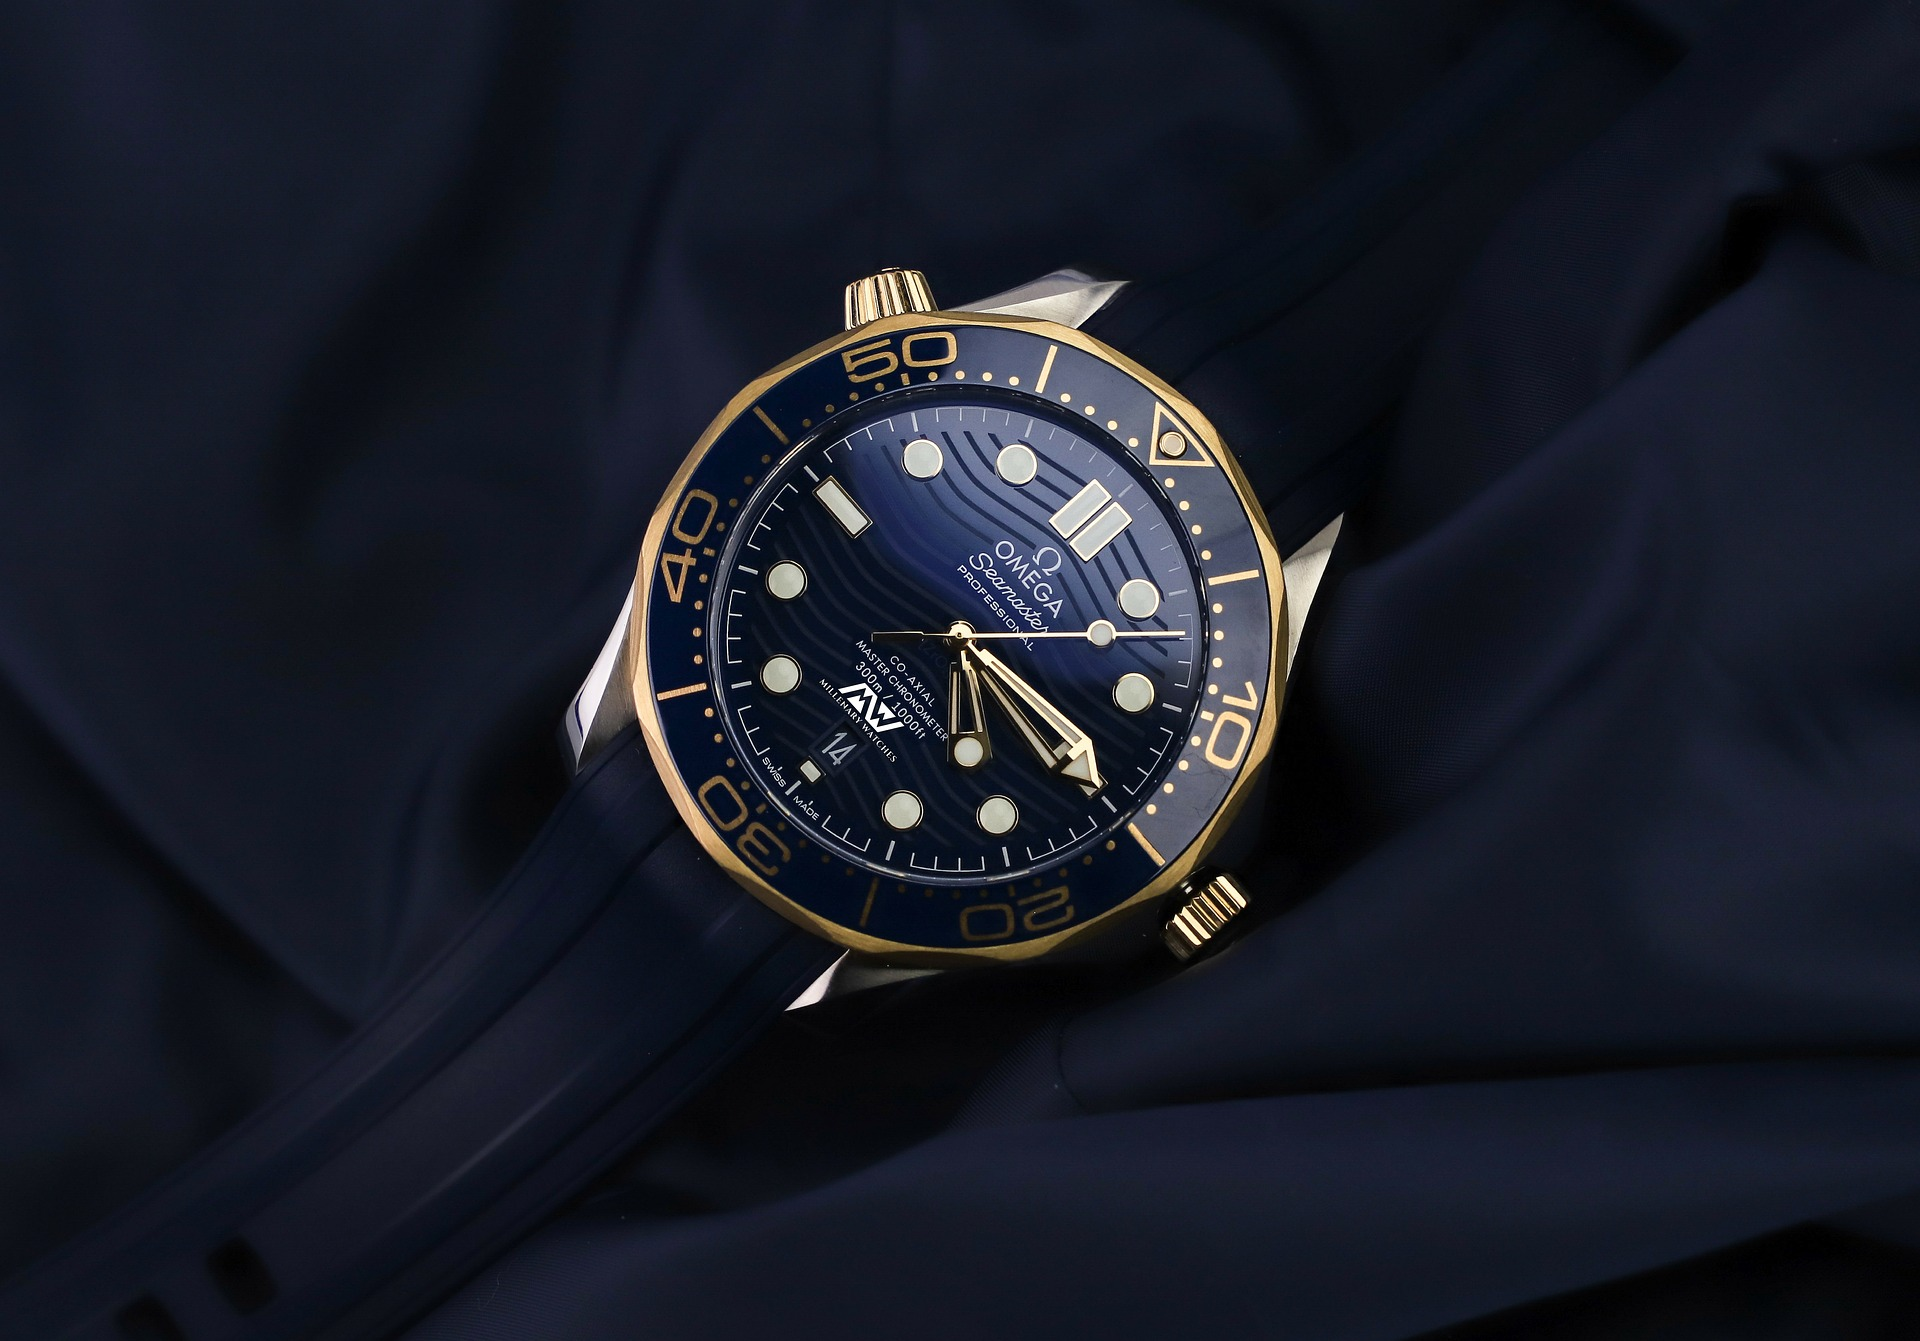 高級腕時計ブランド「OMEGA(オメガ)」